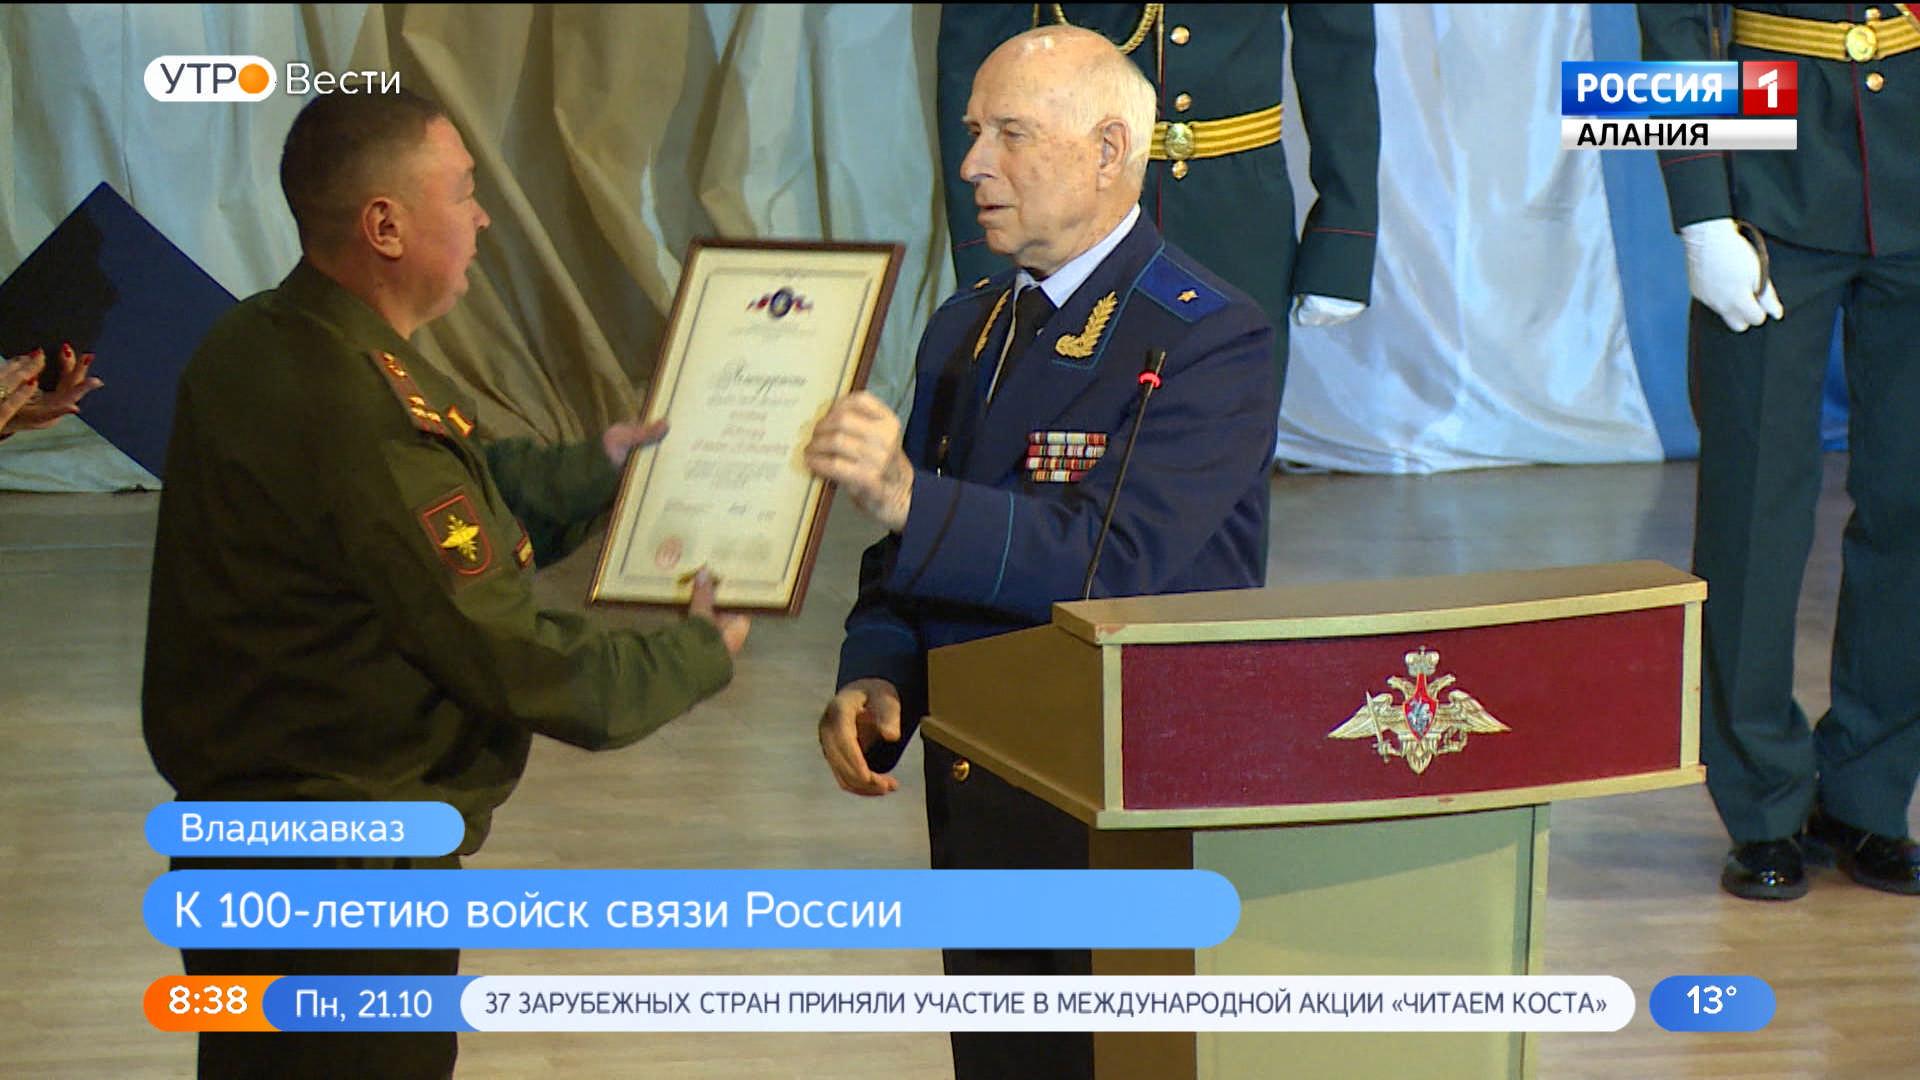 Войска связи России отметили 100-летие со дня образования